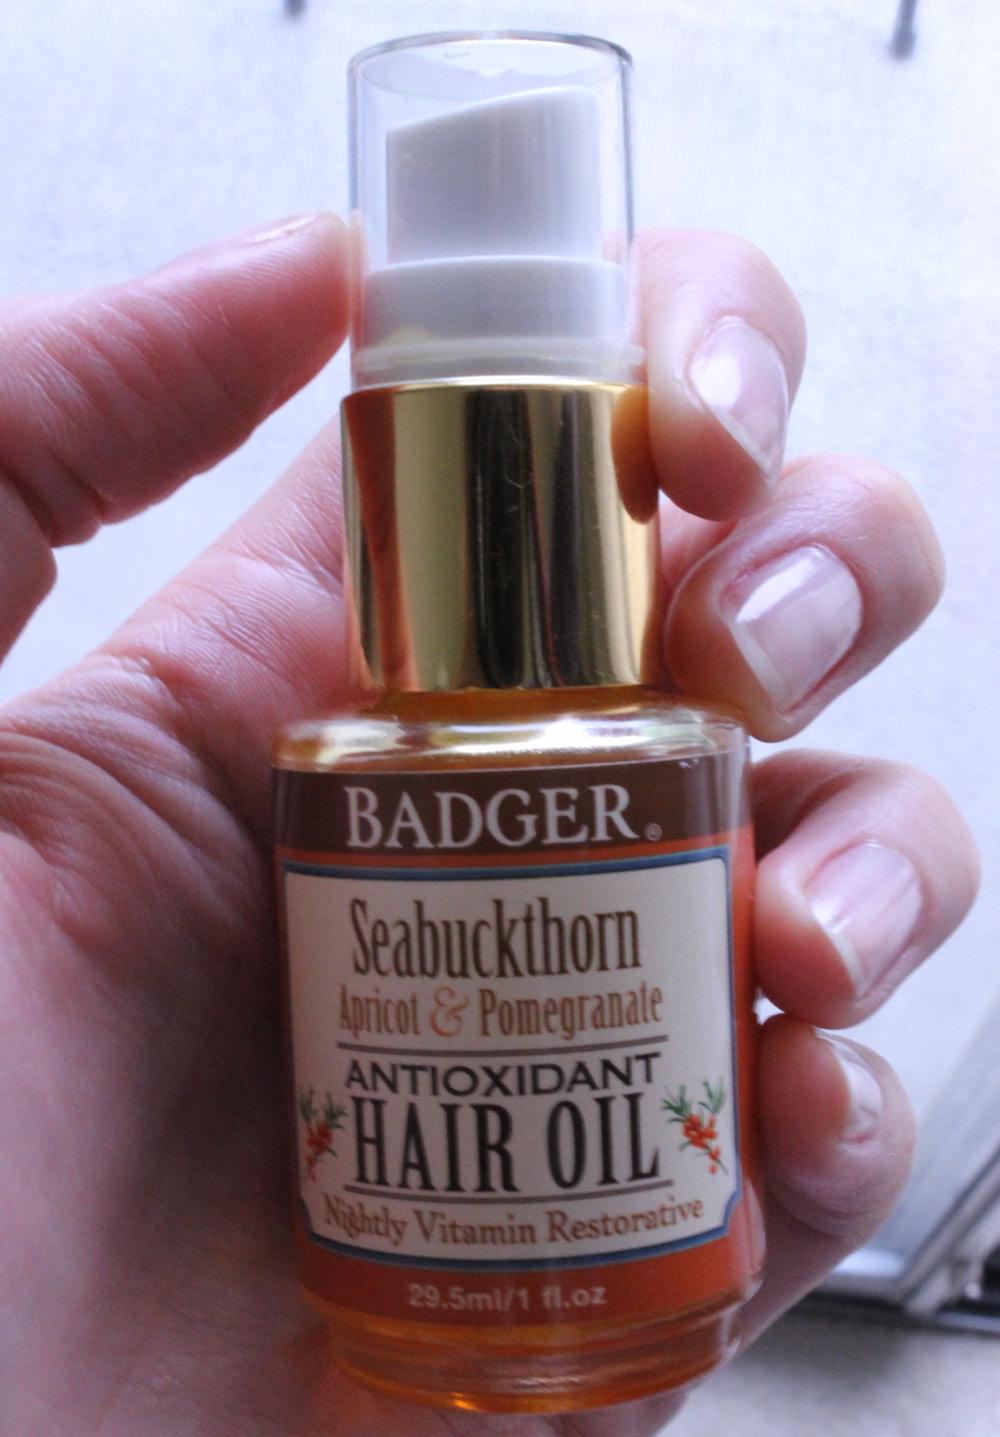 beauty scoop | badger seabuckthorn hair oil for all hair types